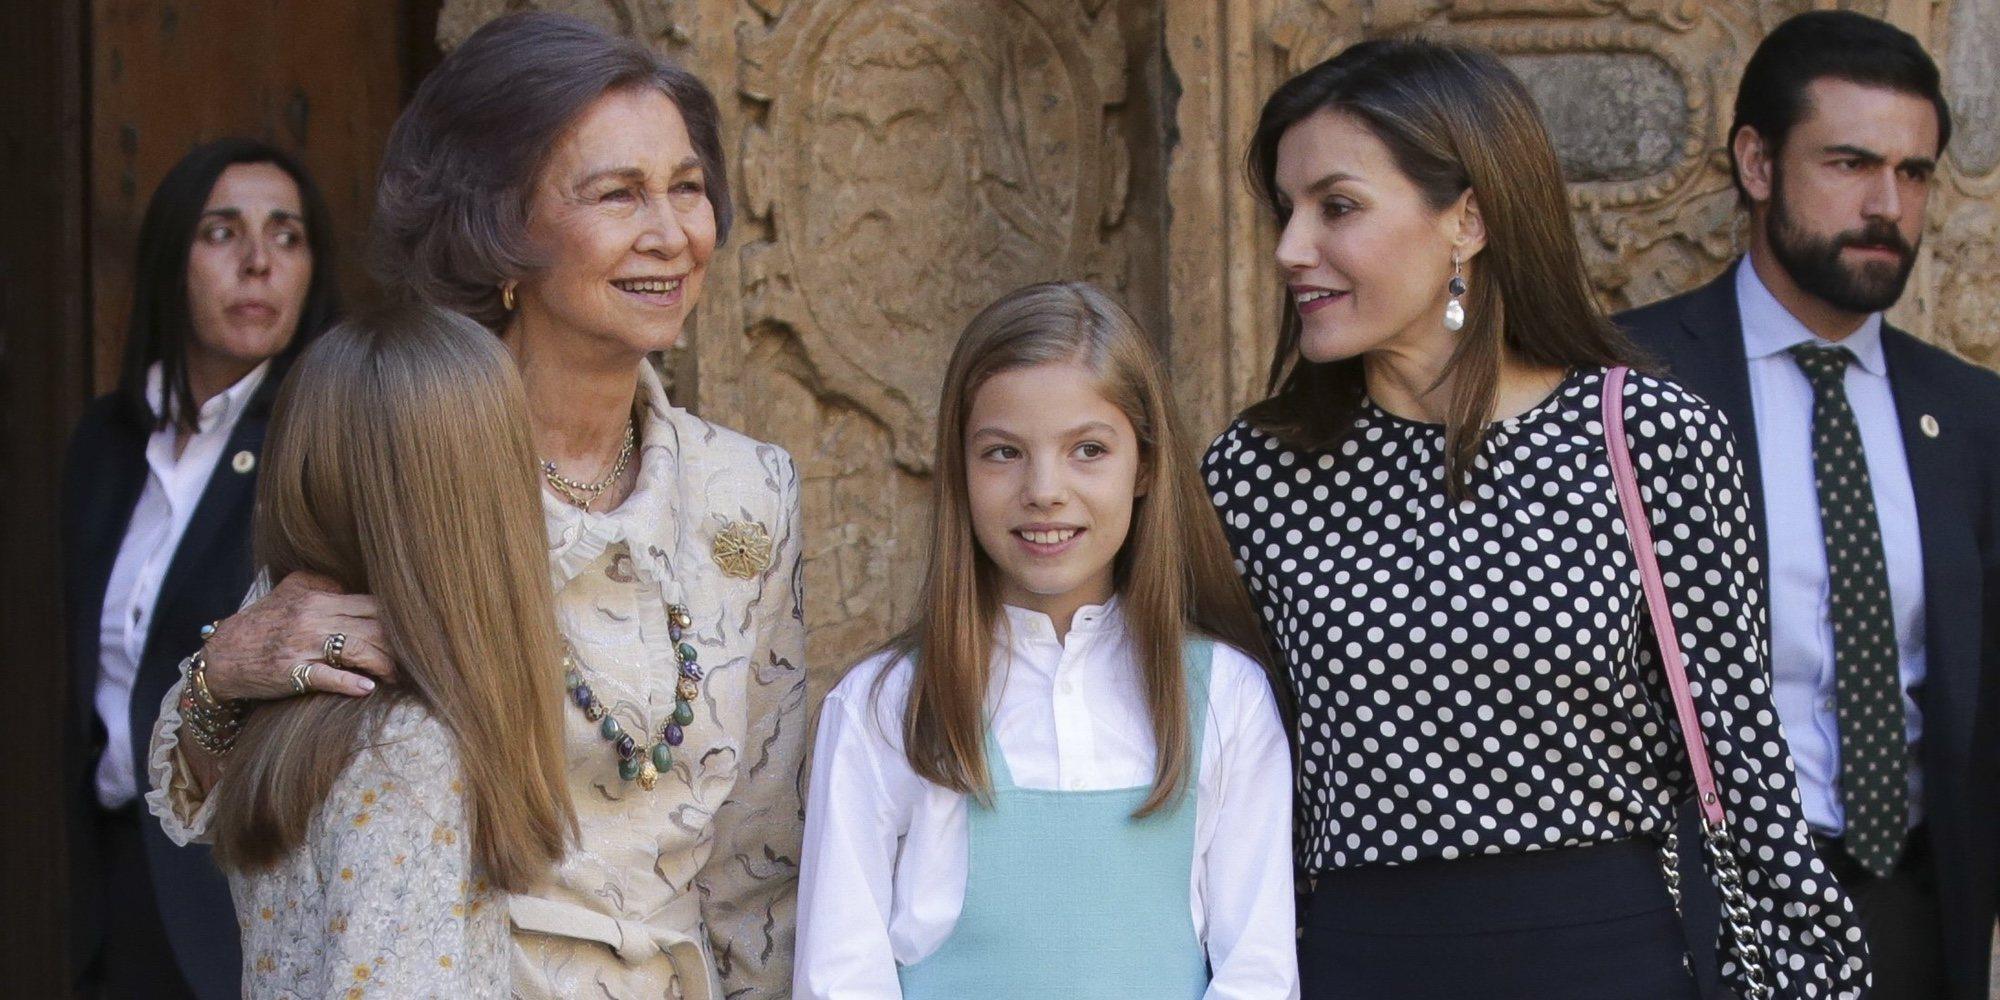 La Reina Letizia habría avisado a la Reina Sofía de que no quería que se hiciera fotos con Leonor y Sofía